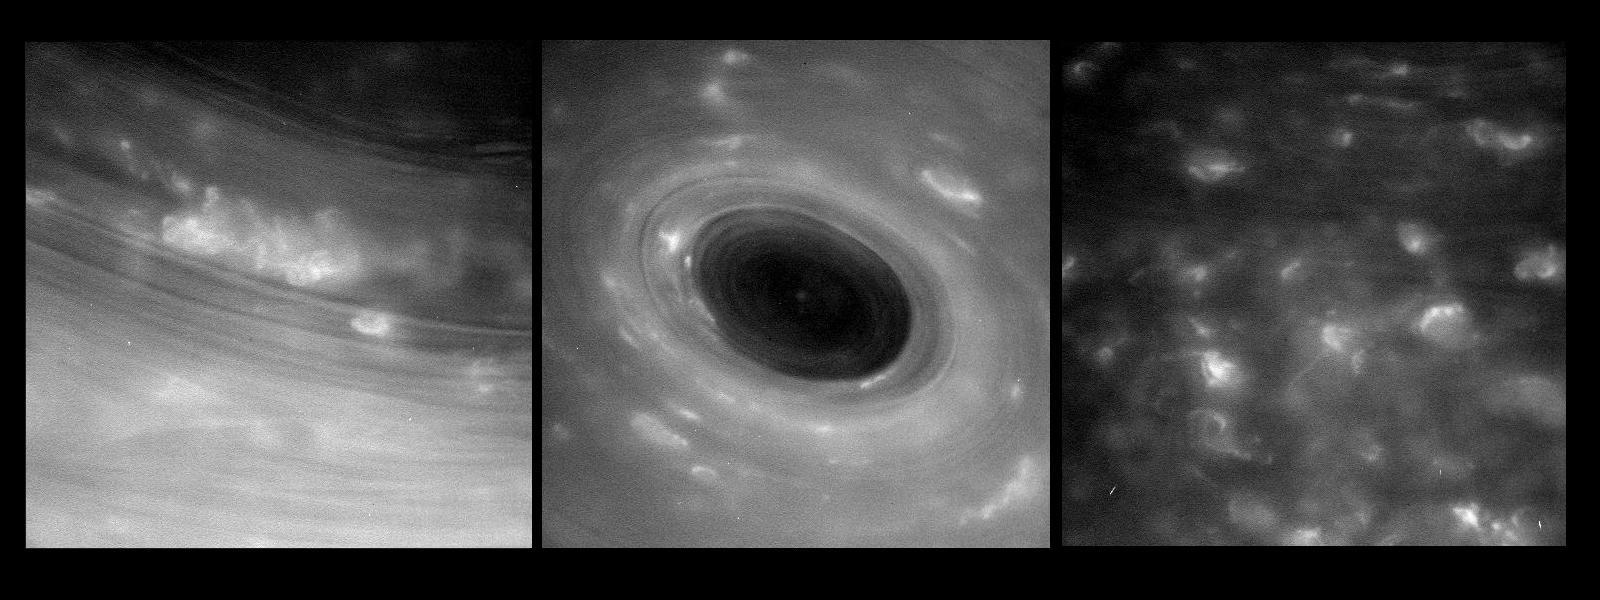 Первые кадры поверхности Сатурна сделанные Cassini